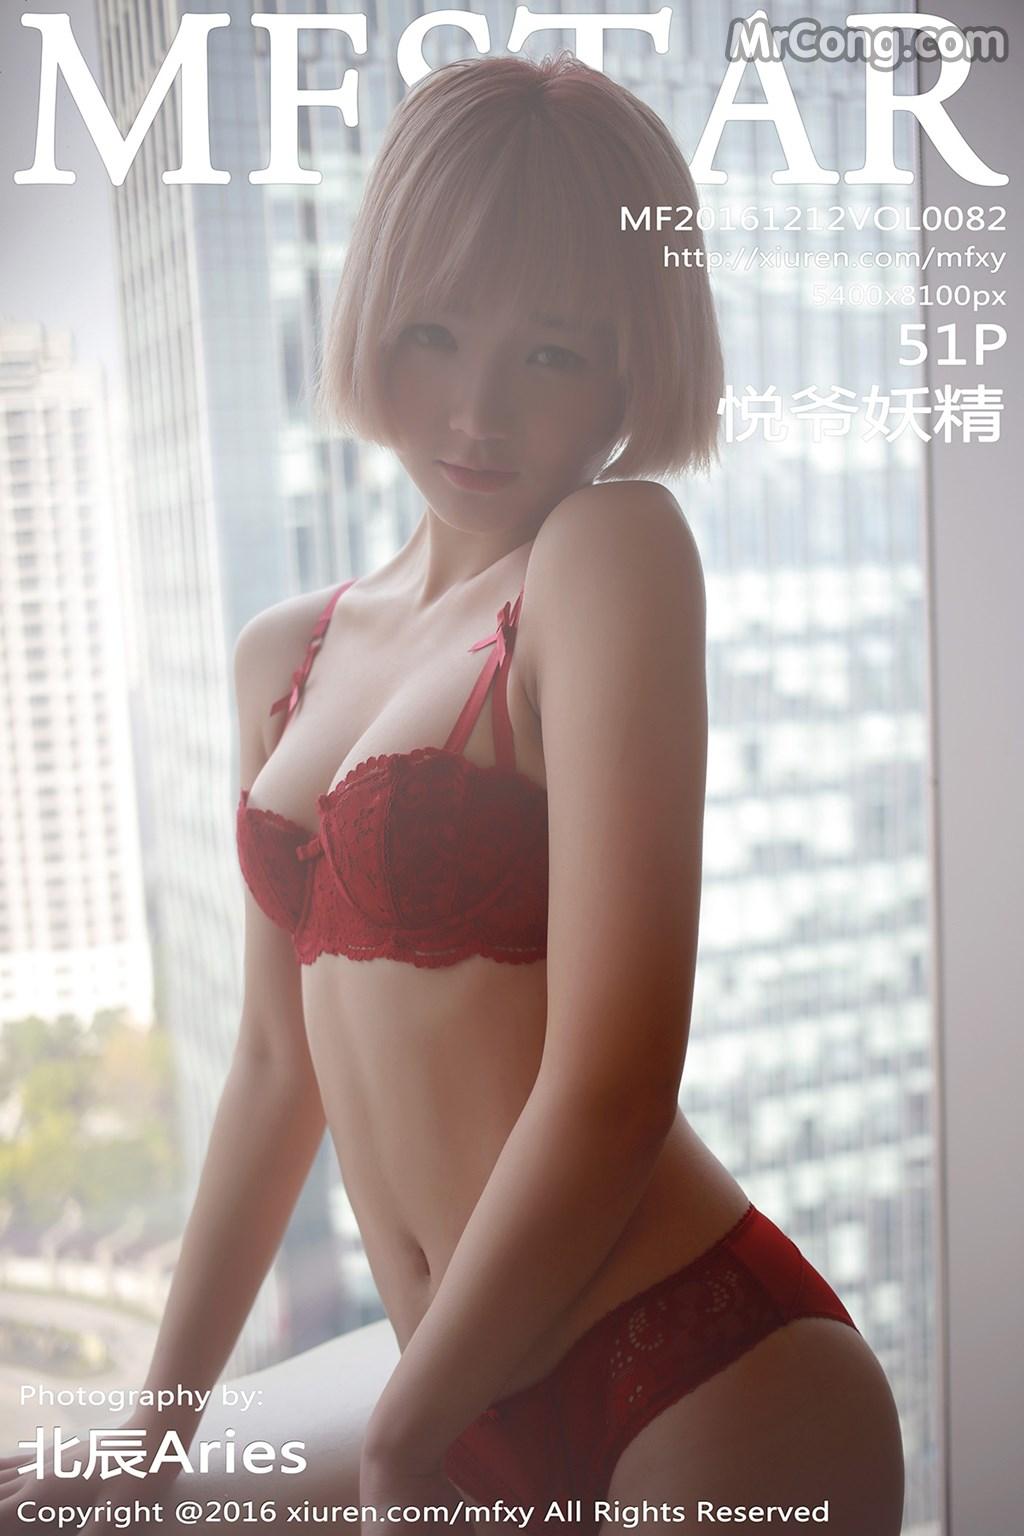 MFStar Vol.082: Người mẫu Yue Ye Yao Jing (悦爷妖精) (52 ảnh)